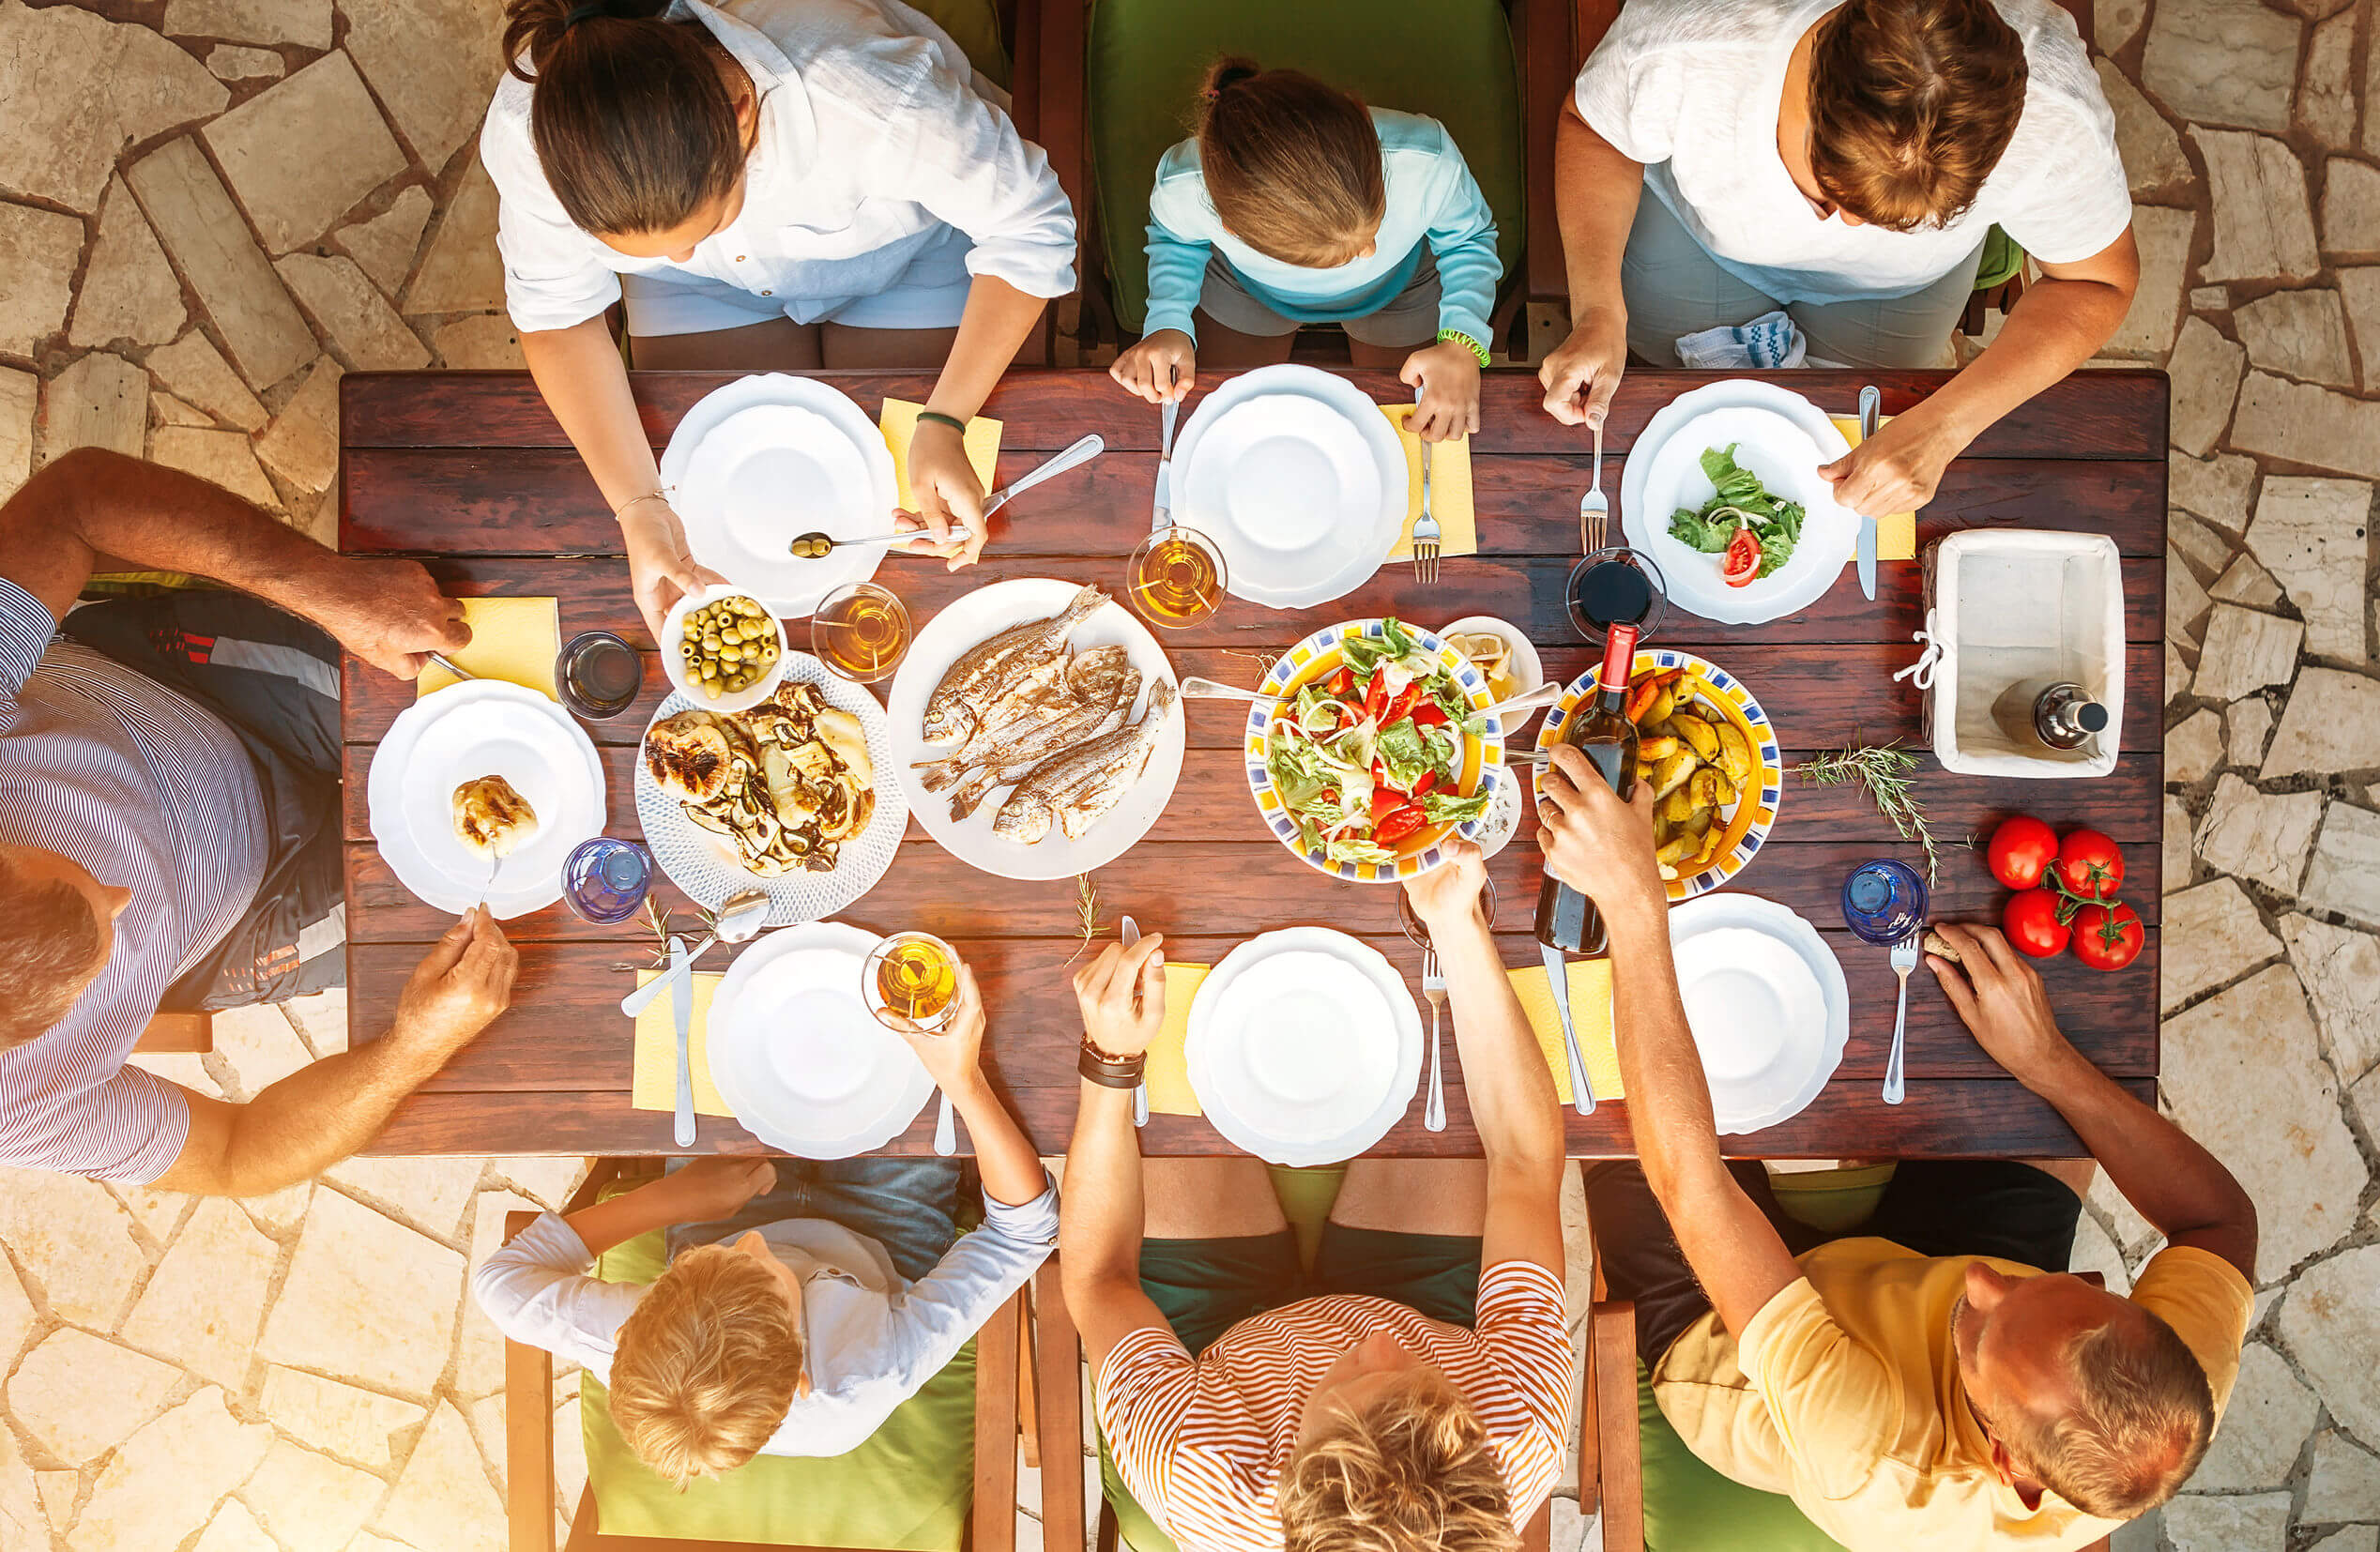 Las familias felices suelen reunirse para comer.